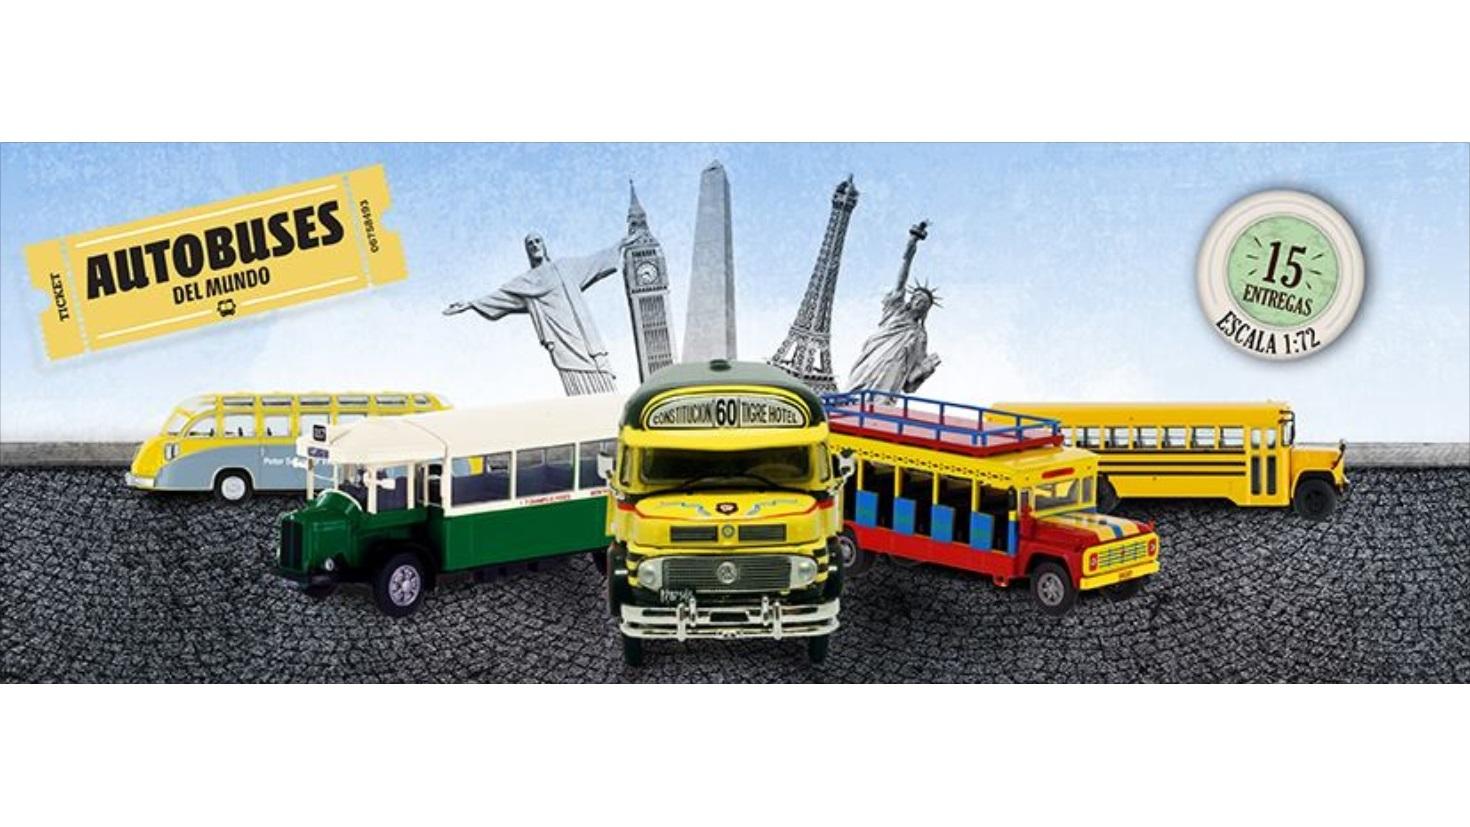 Colecci n autobuses del mundo 1 72 runsun en argentina for Coleccion cuchillos el mundo